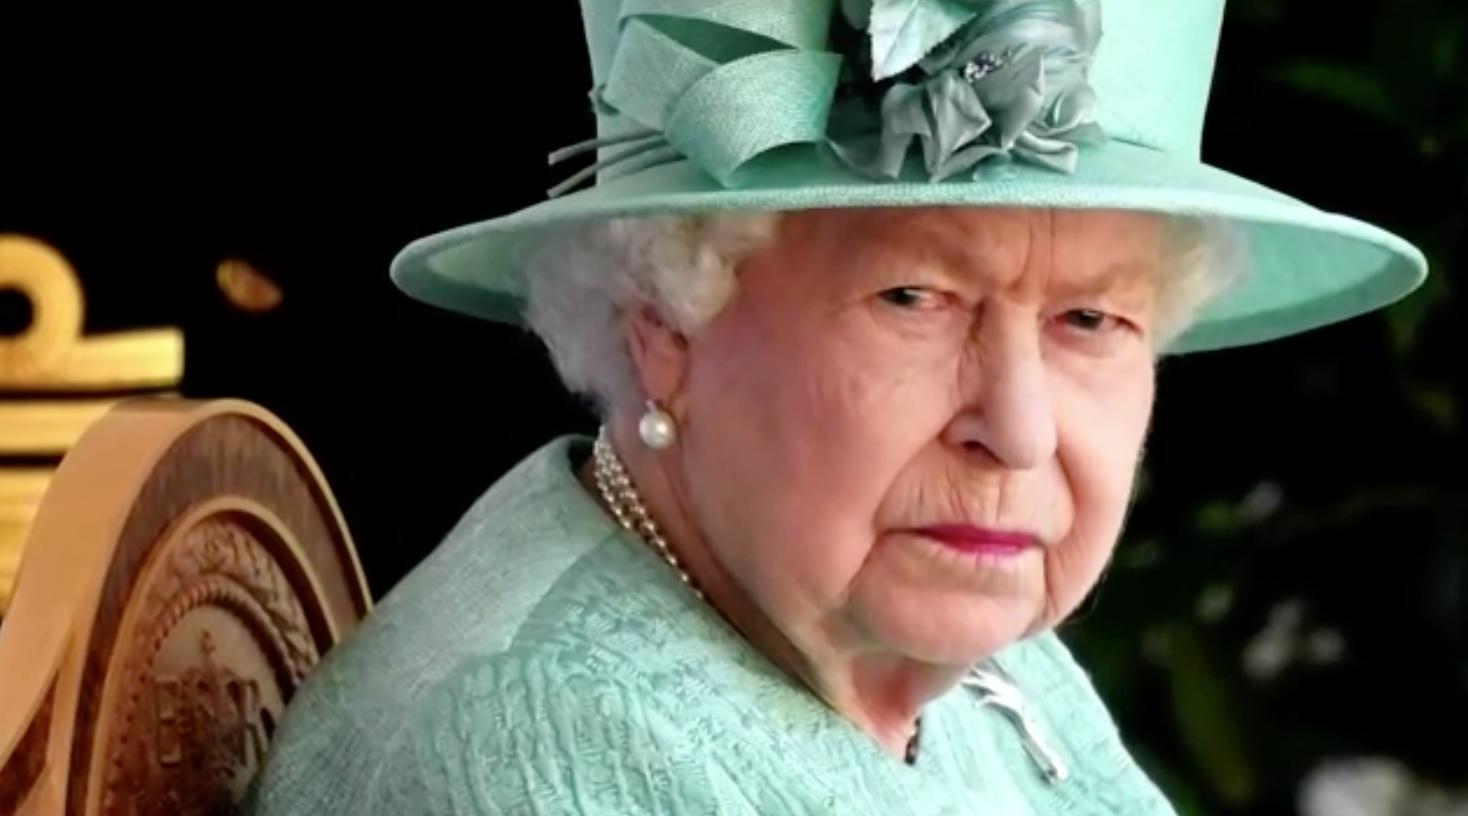 Nữ hoàng Elizabeth sẽ lên tiếng về những cáo buộc kỳ thị chủng tộc chống lại con trai của Hoàng tử Harry và vợ